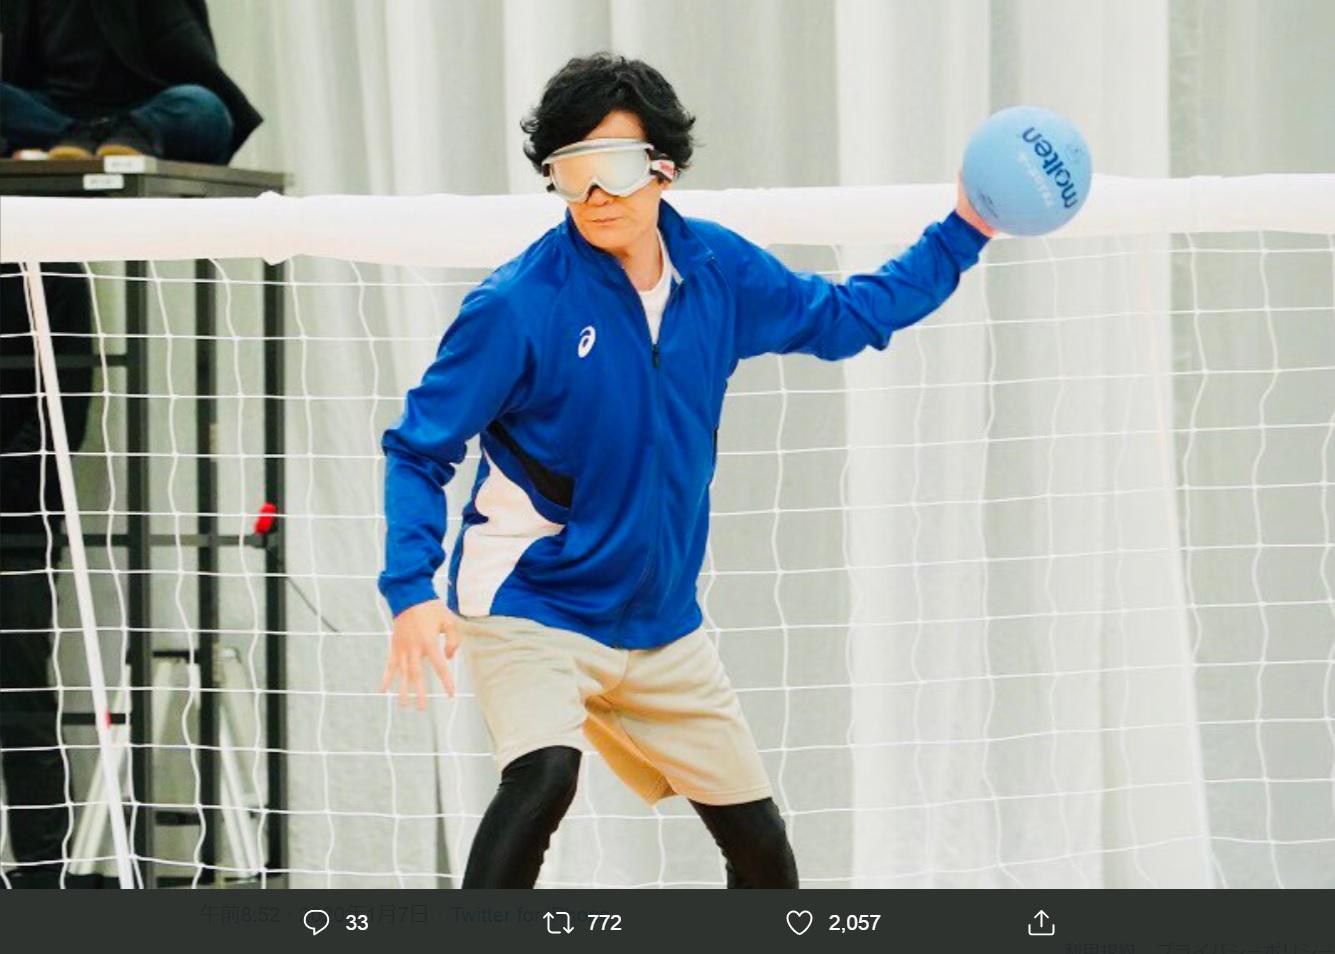 「ゴールボール対決」での稲垣吾郎(画像は『日本テレビ スッキリ 2020年1月7日付Twitter「放送スタート! #スッキリ vs #新しい地図「パラスポーツ対決」」』のスクリーンショット)